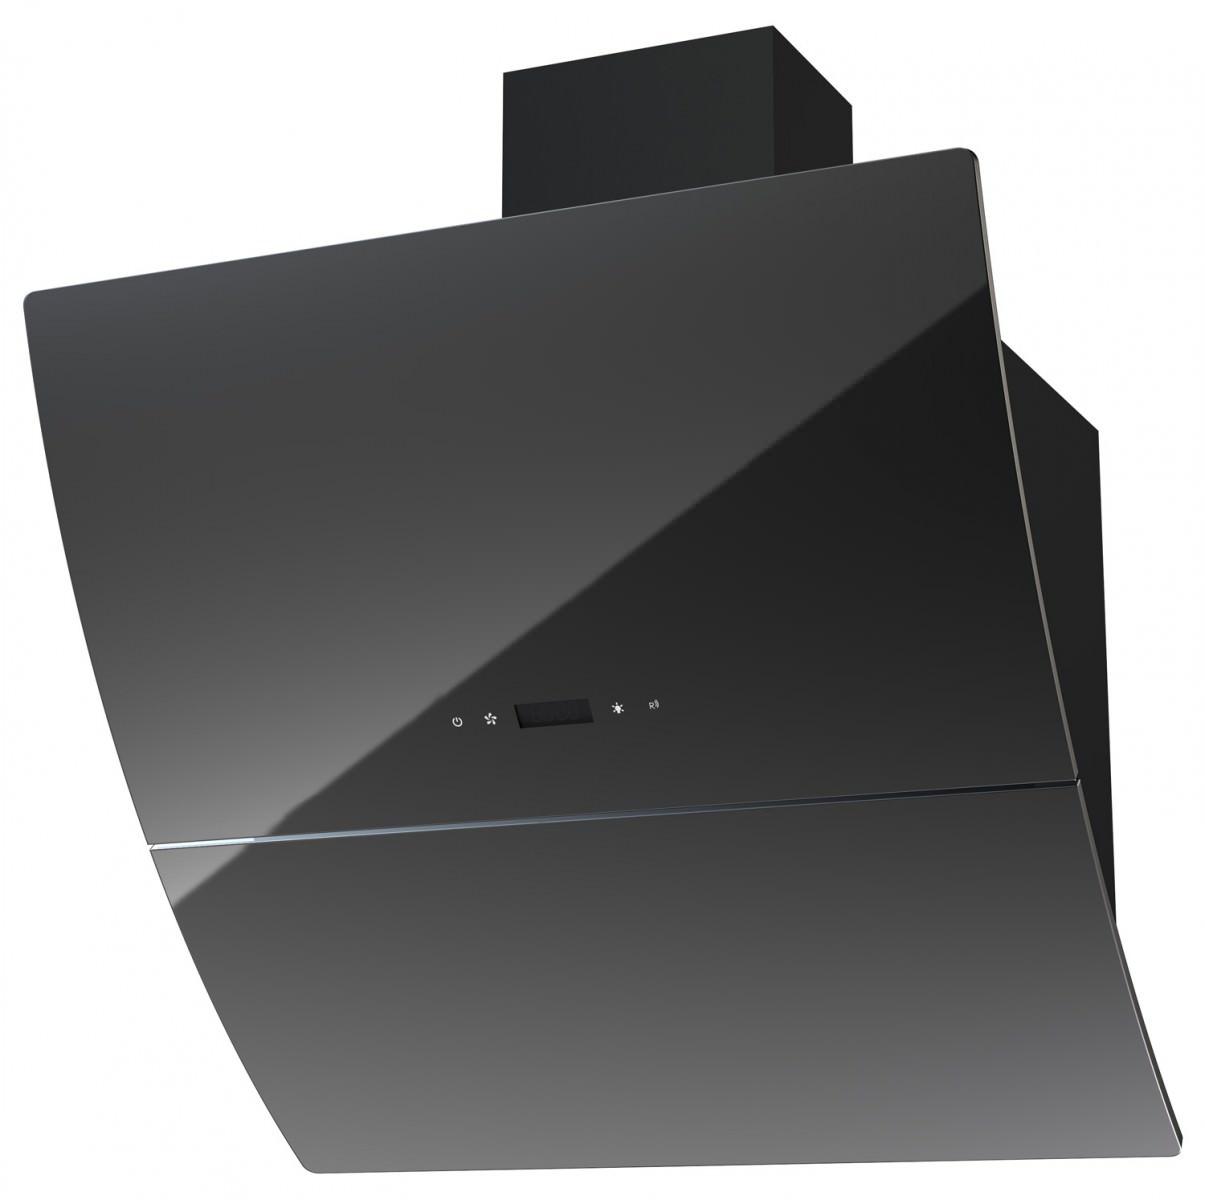 Вытяжка KRONA CELESTA 600 black sensor - Апис плюс